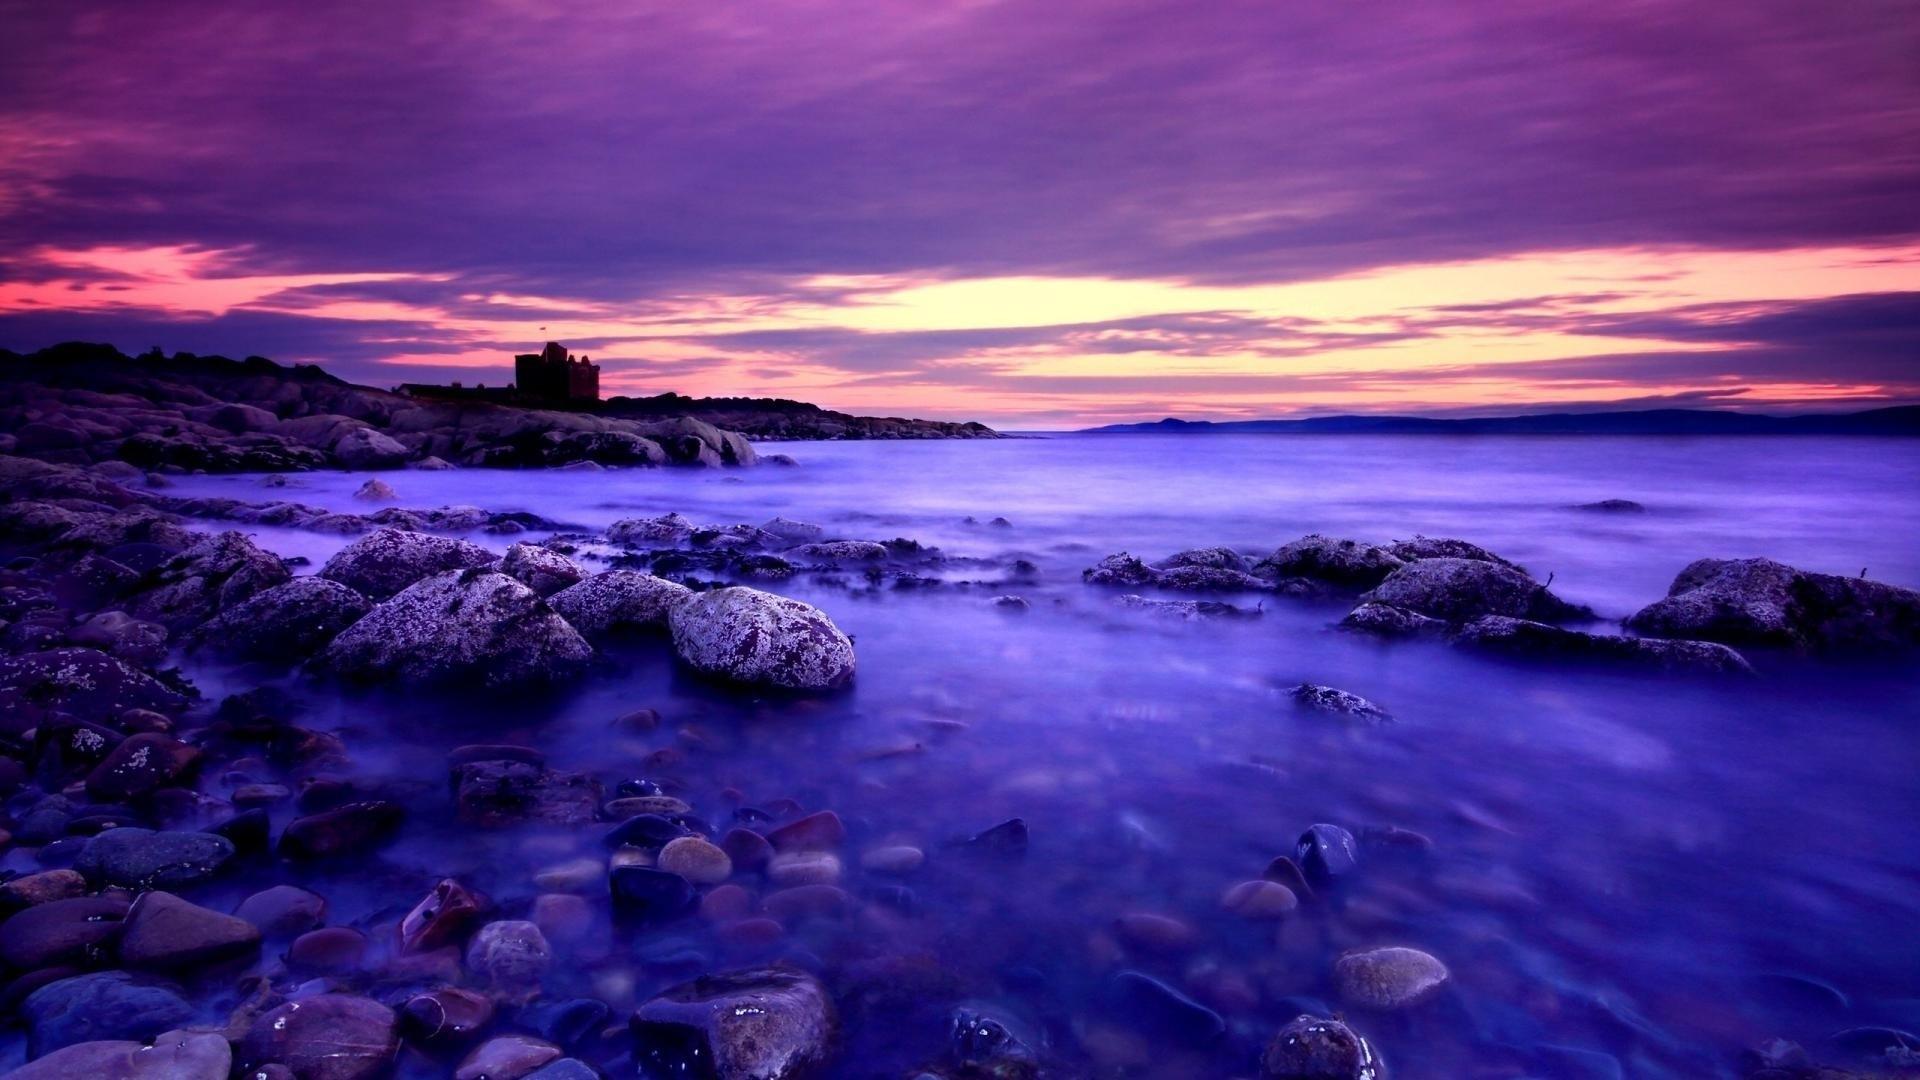 Purple Sky Wallpaper